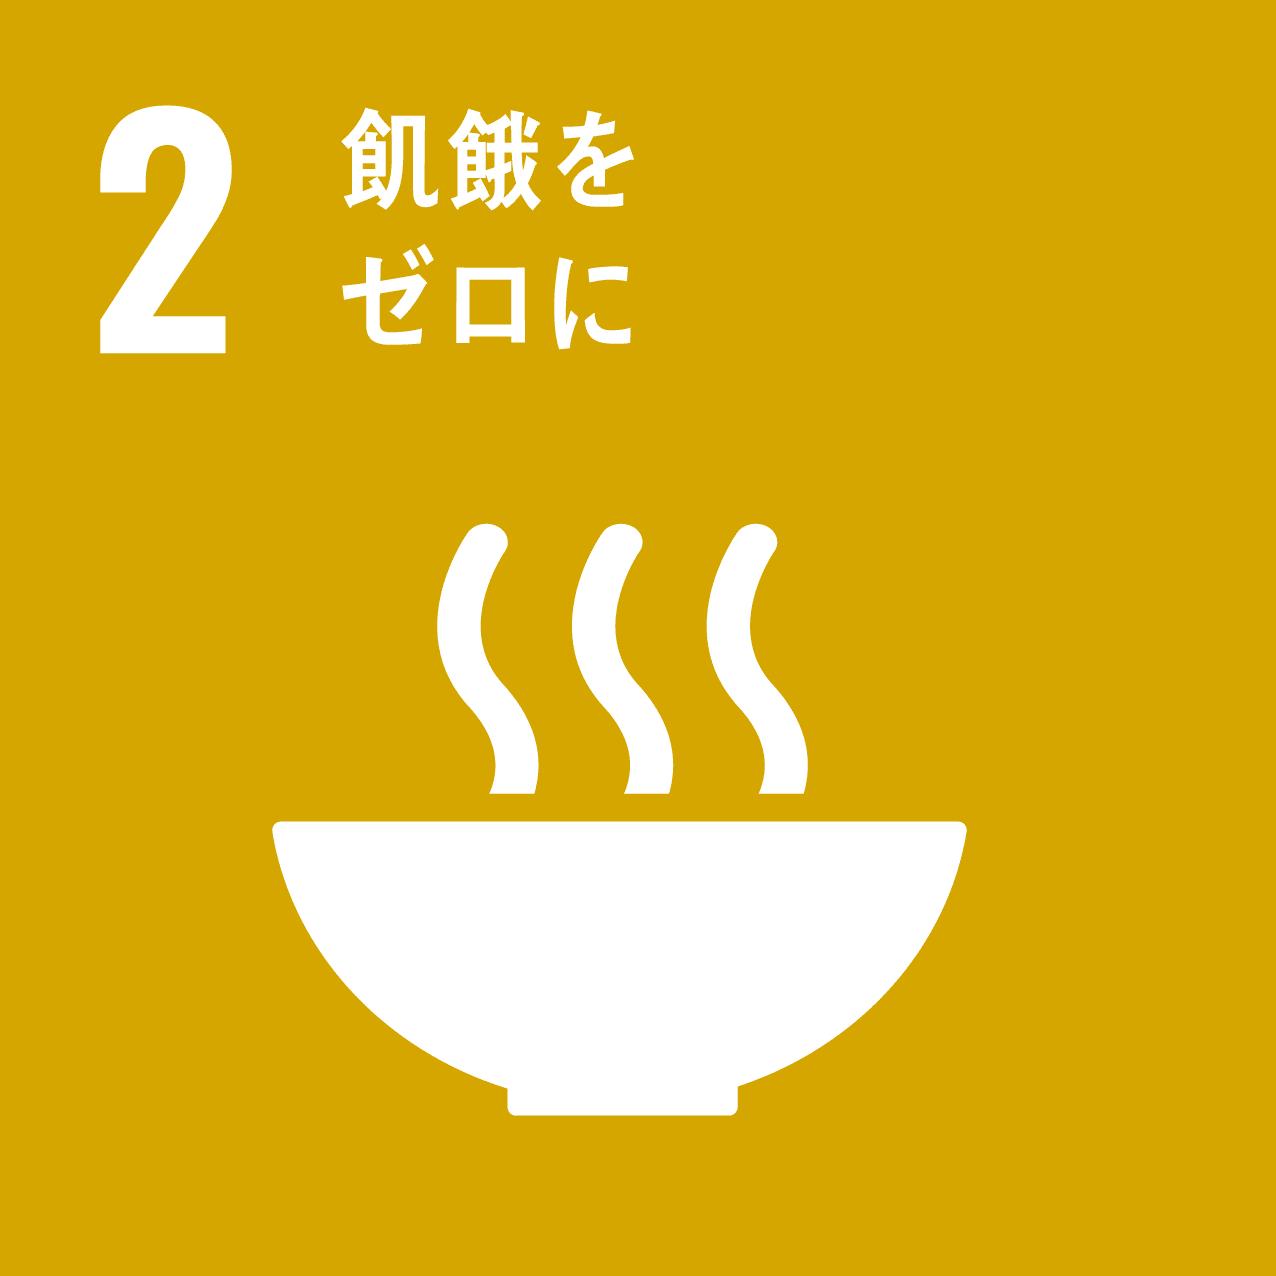 SDGsアイコン2.飢餓をゼロに